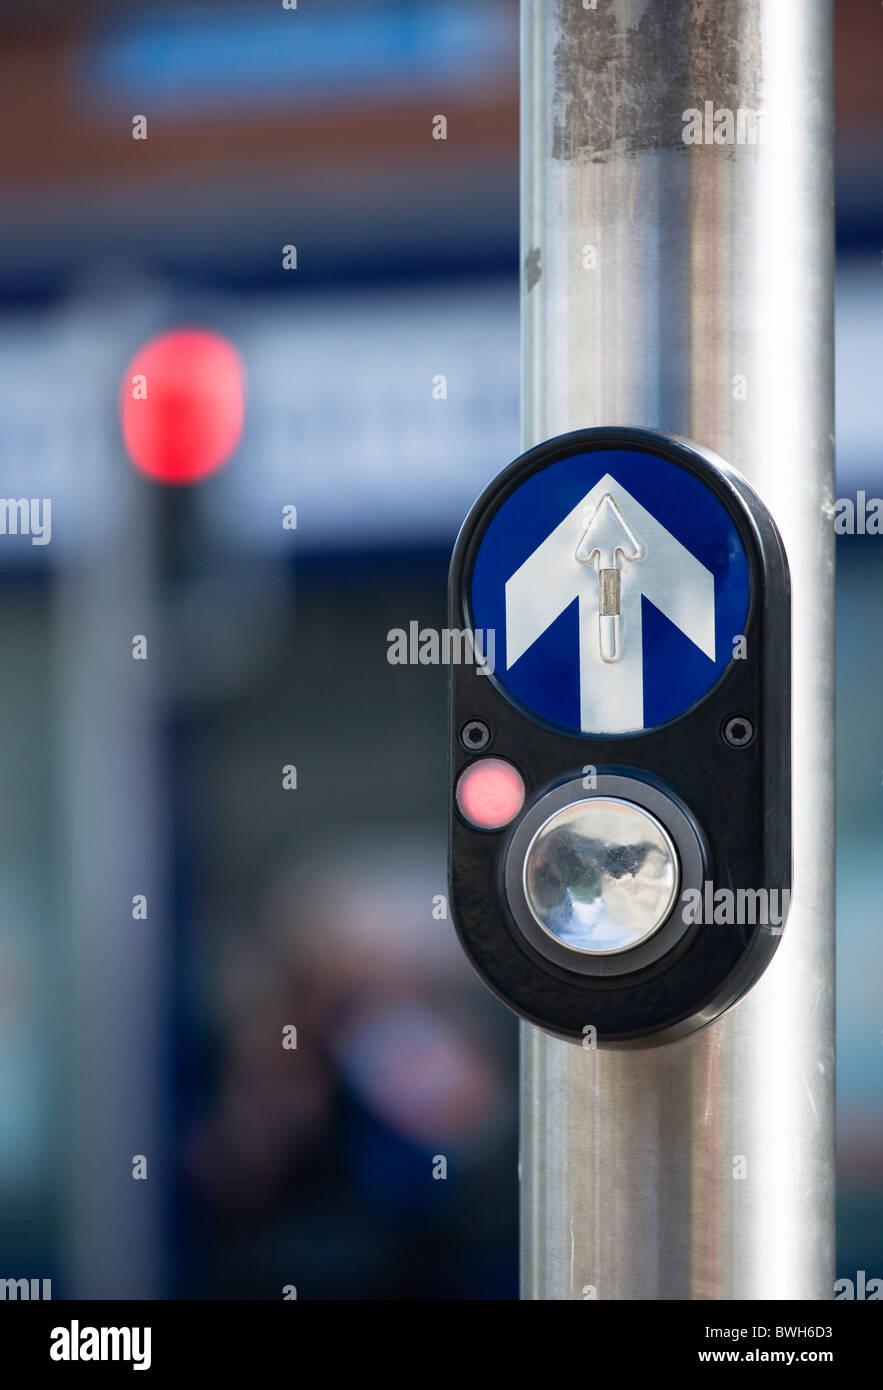 L'Irlande, comté de Dublin, Dublin City, feu de circulation passage piétons contrôlés avec Photo Stock